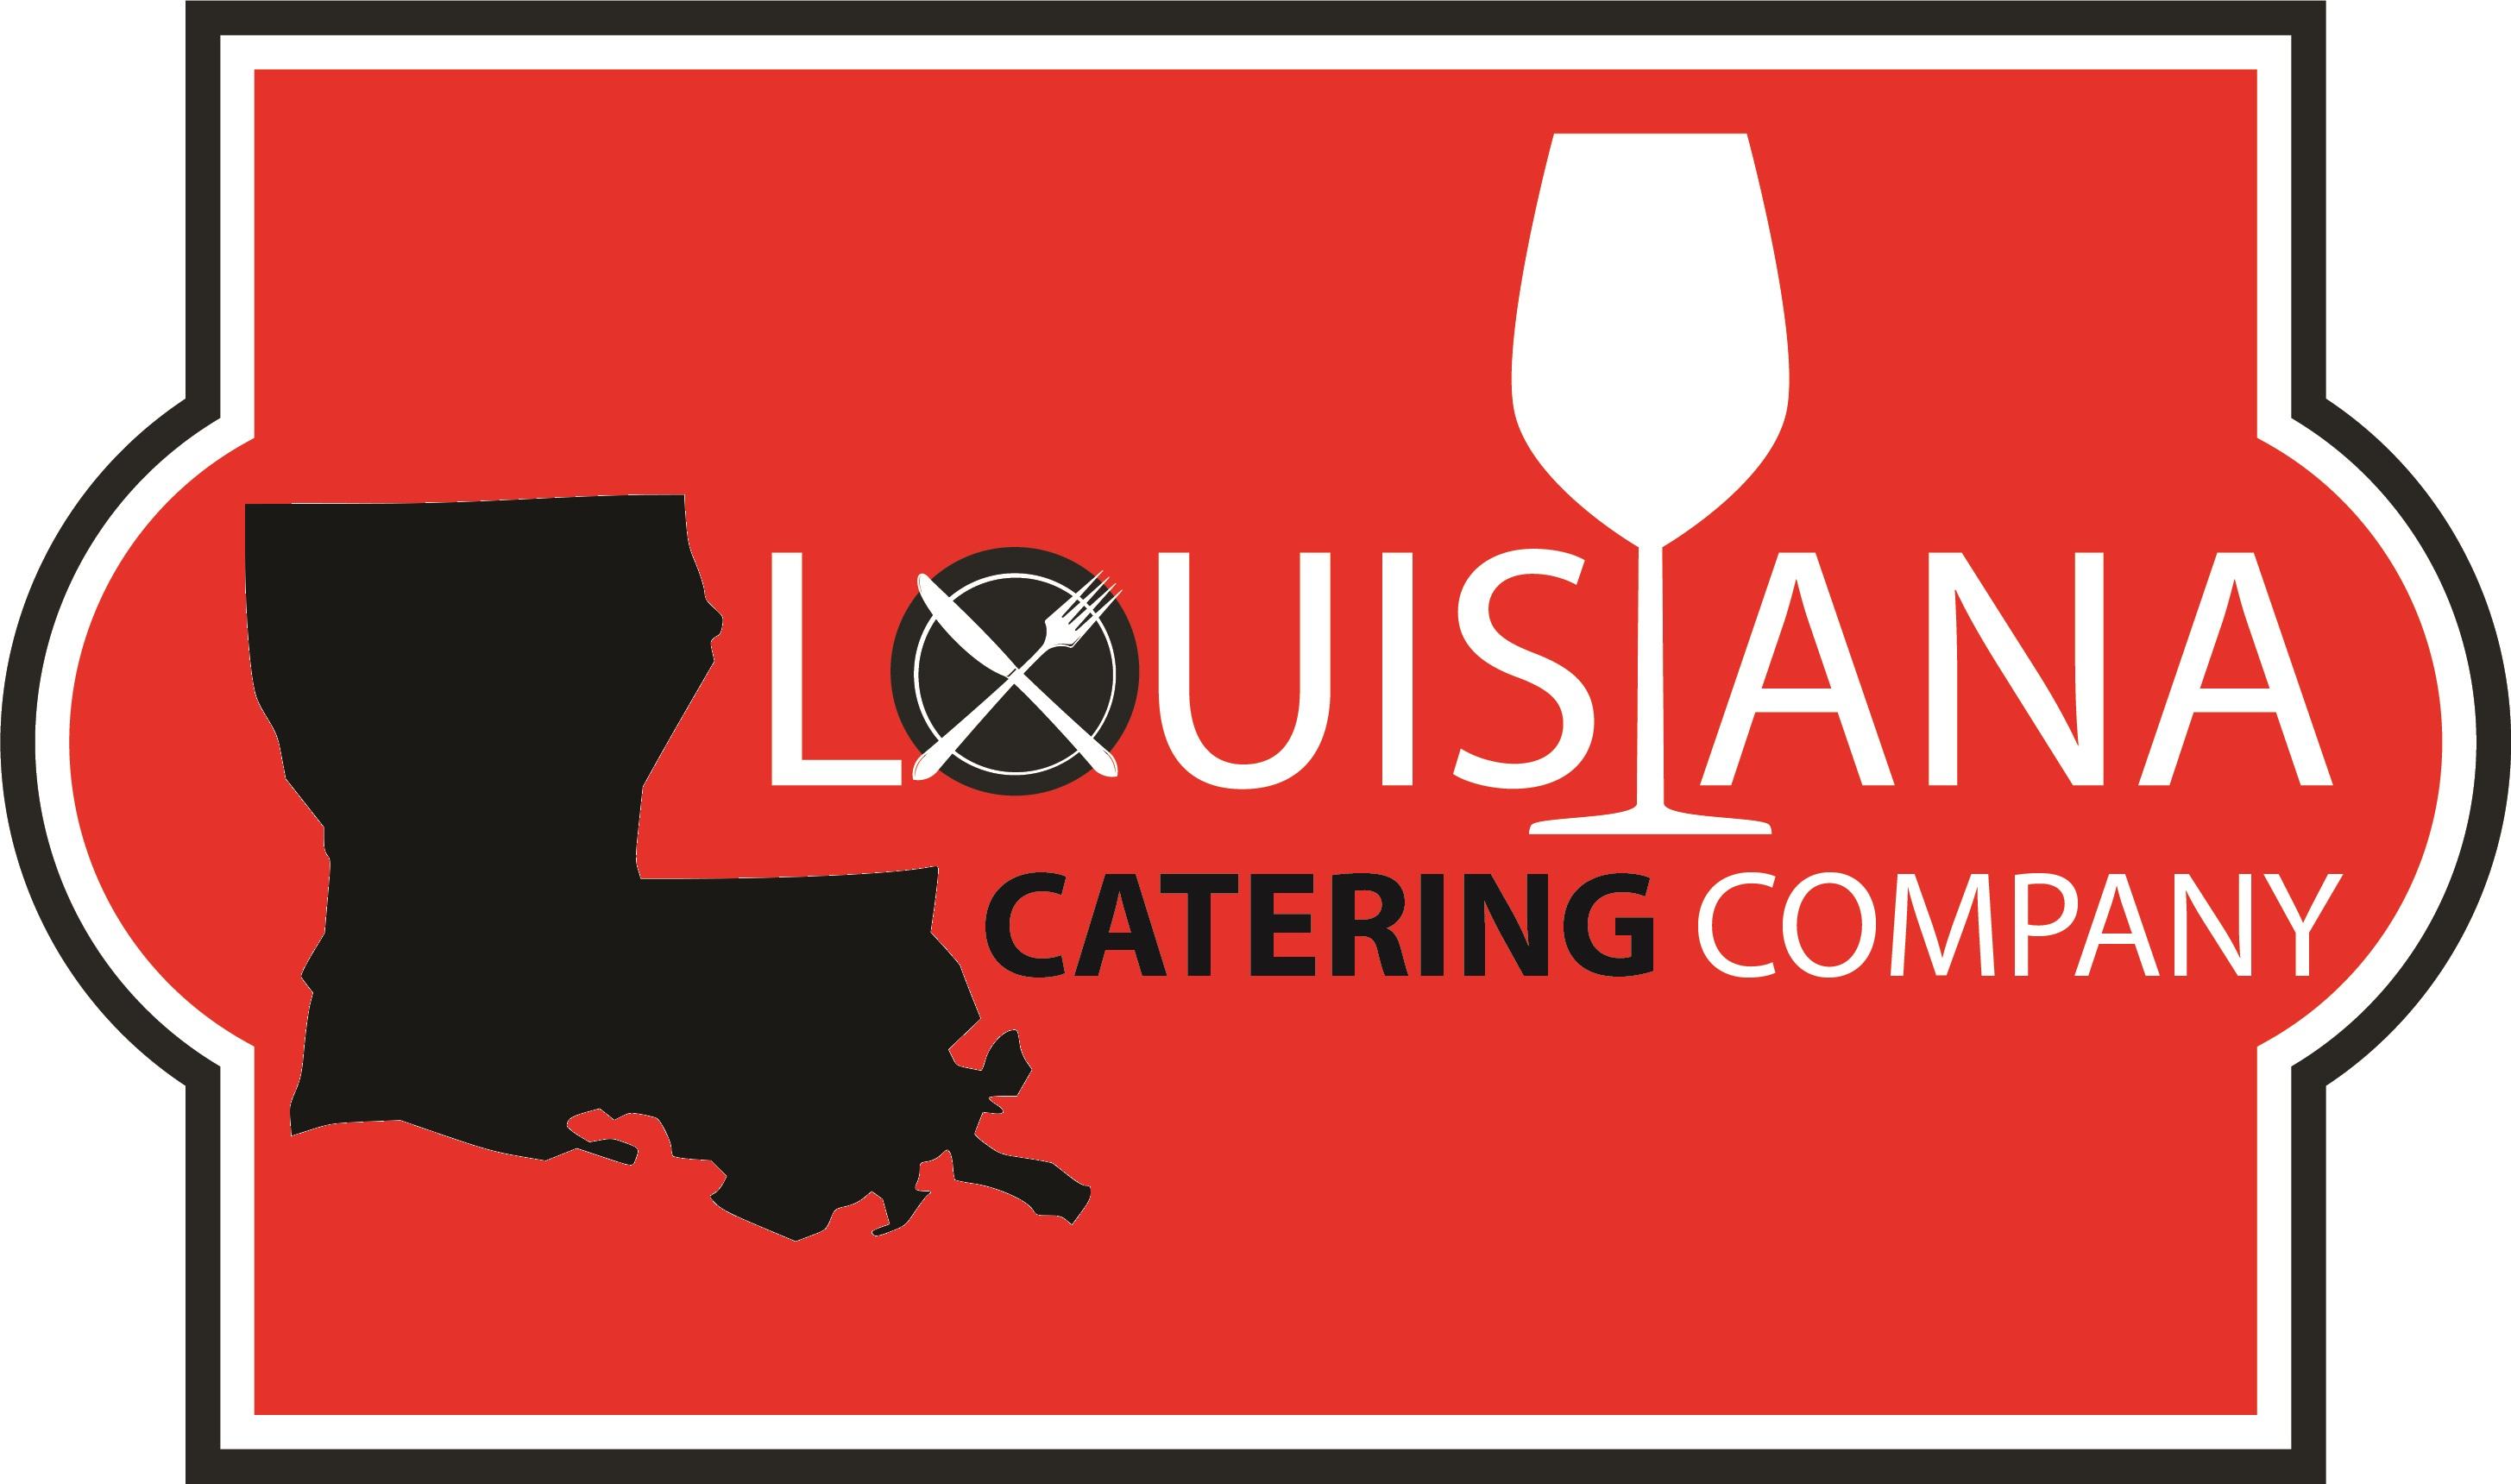 Louisiana Catering Logo